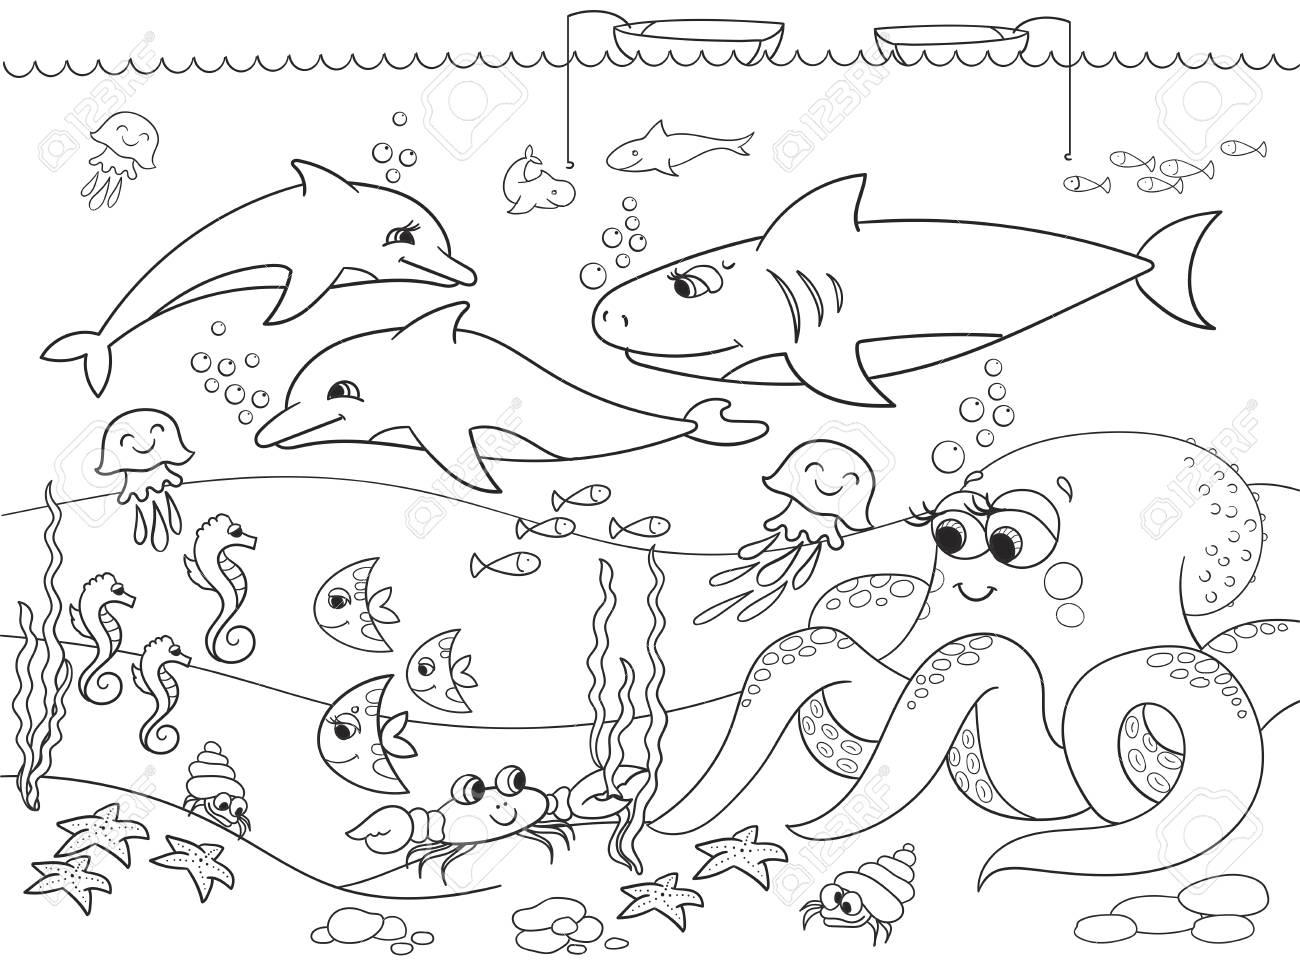 Fondo Marino Con Animales Marinos Dibujo De Trama Para Ninos